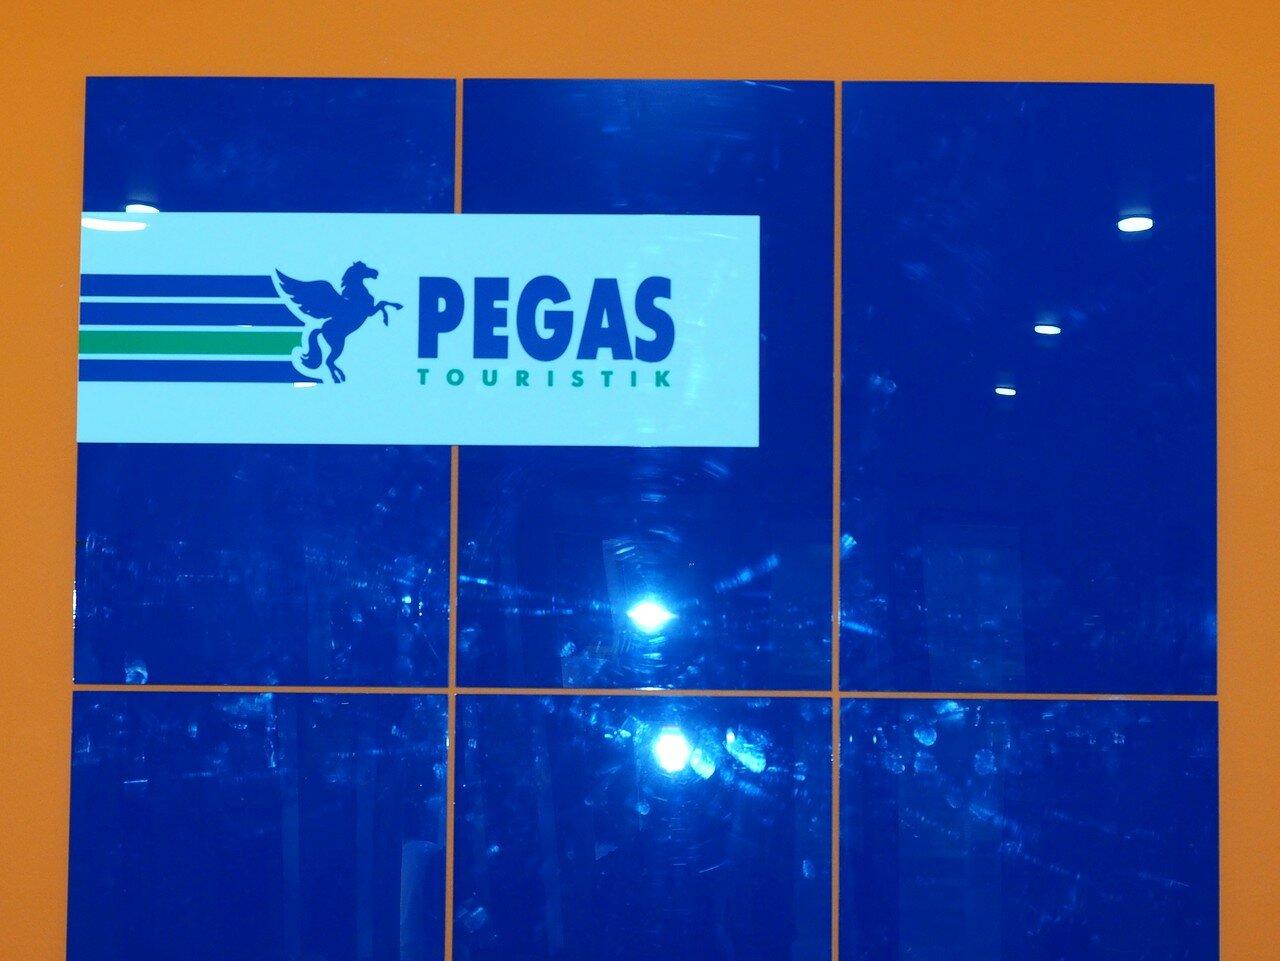 85 Открытие нового офиса Pegas Touristik 14.06.2017